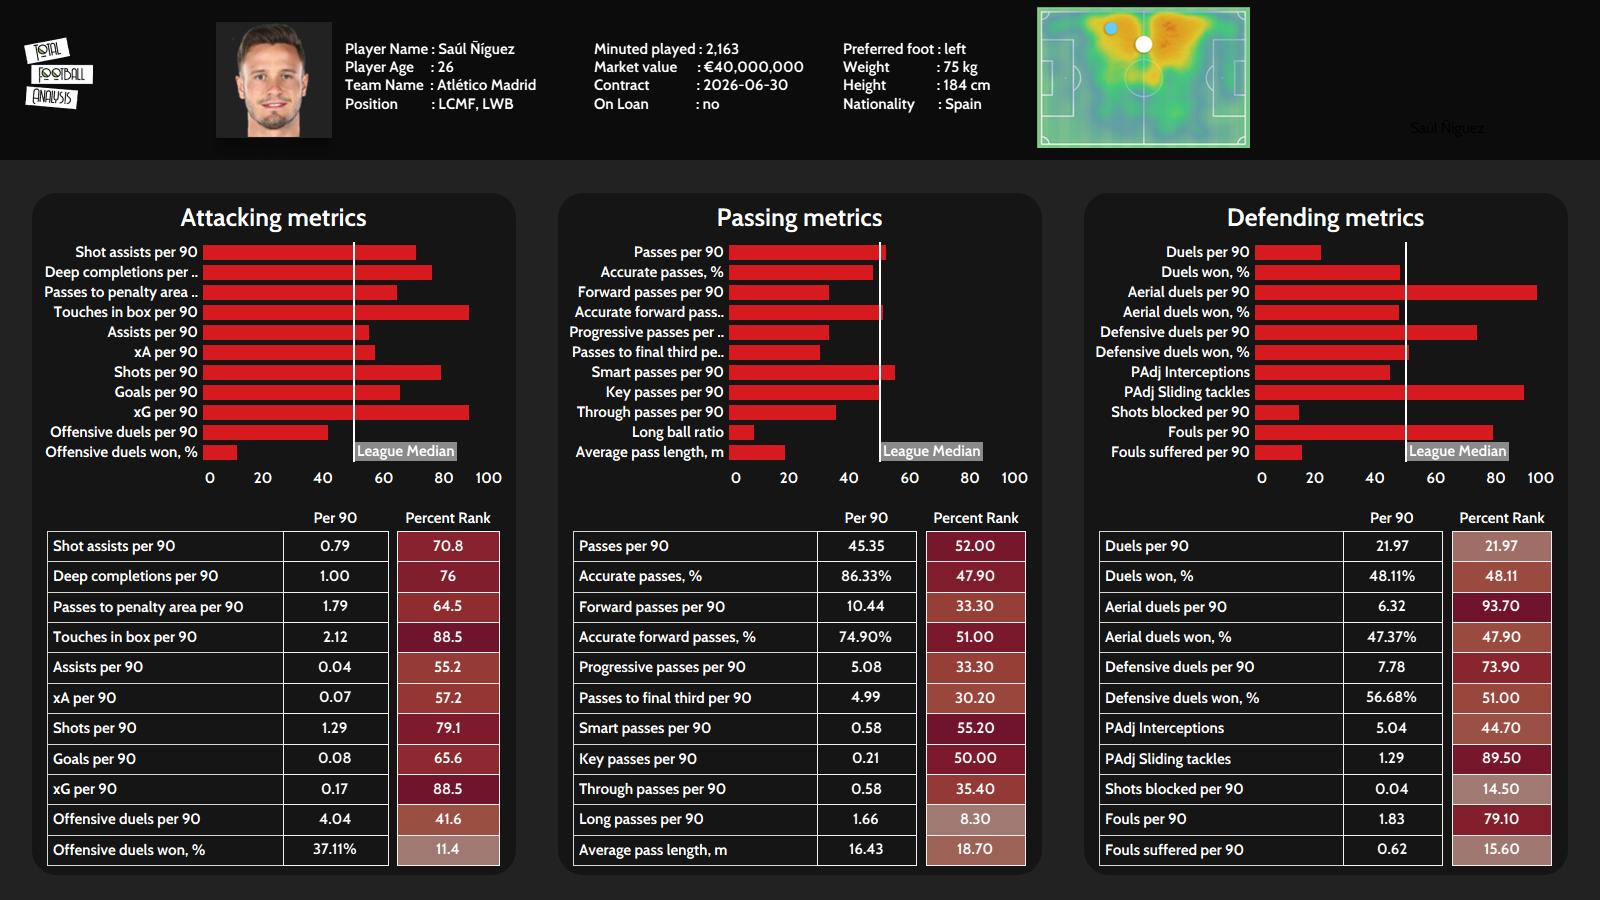 Saul Niguez at Barcelona 2021/22 - scout report - tactical analysis - tactics